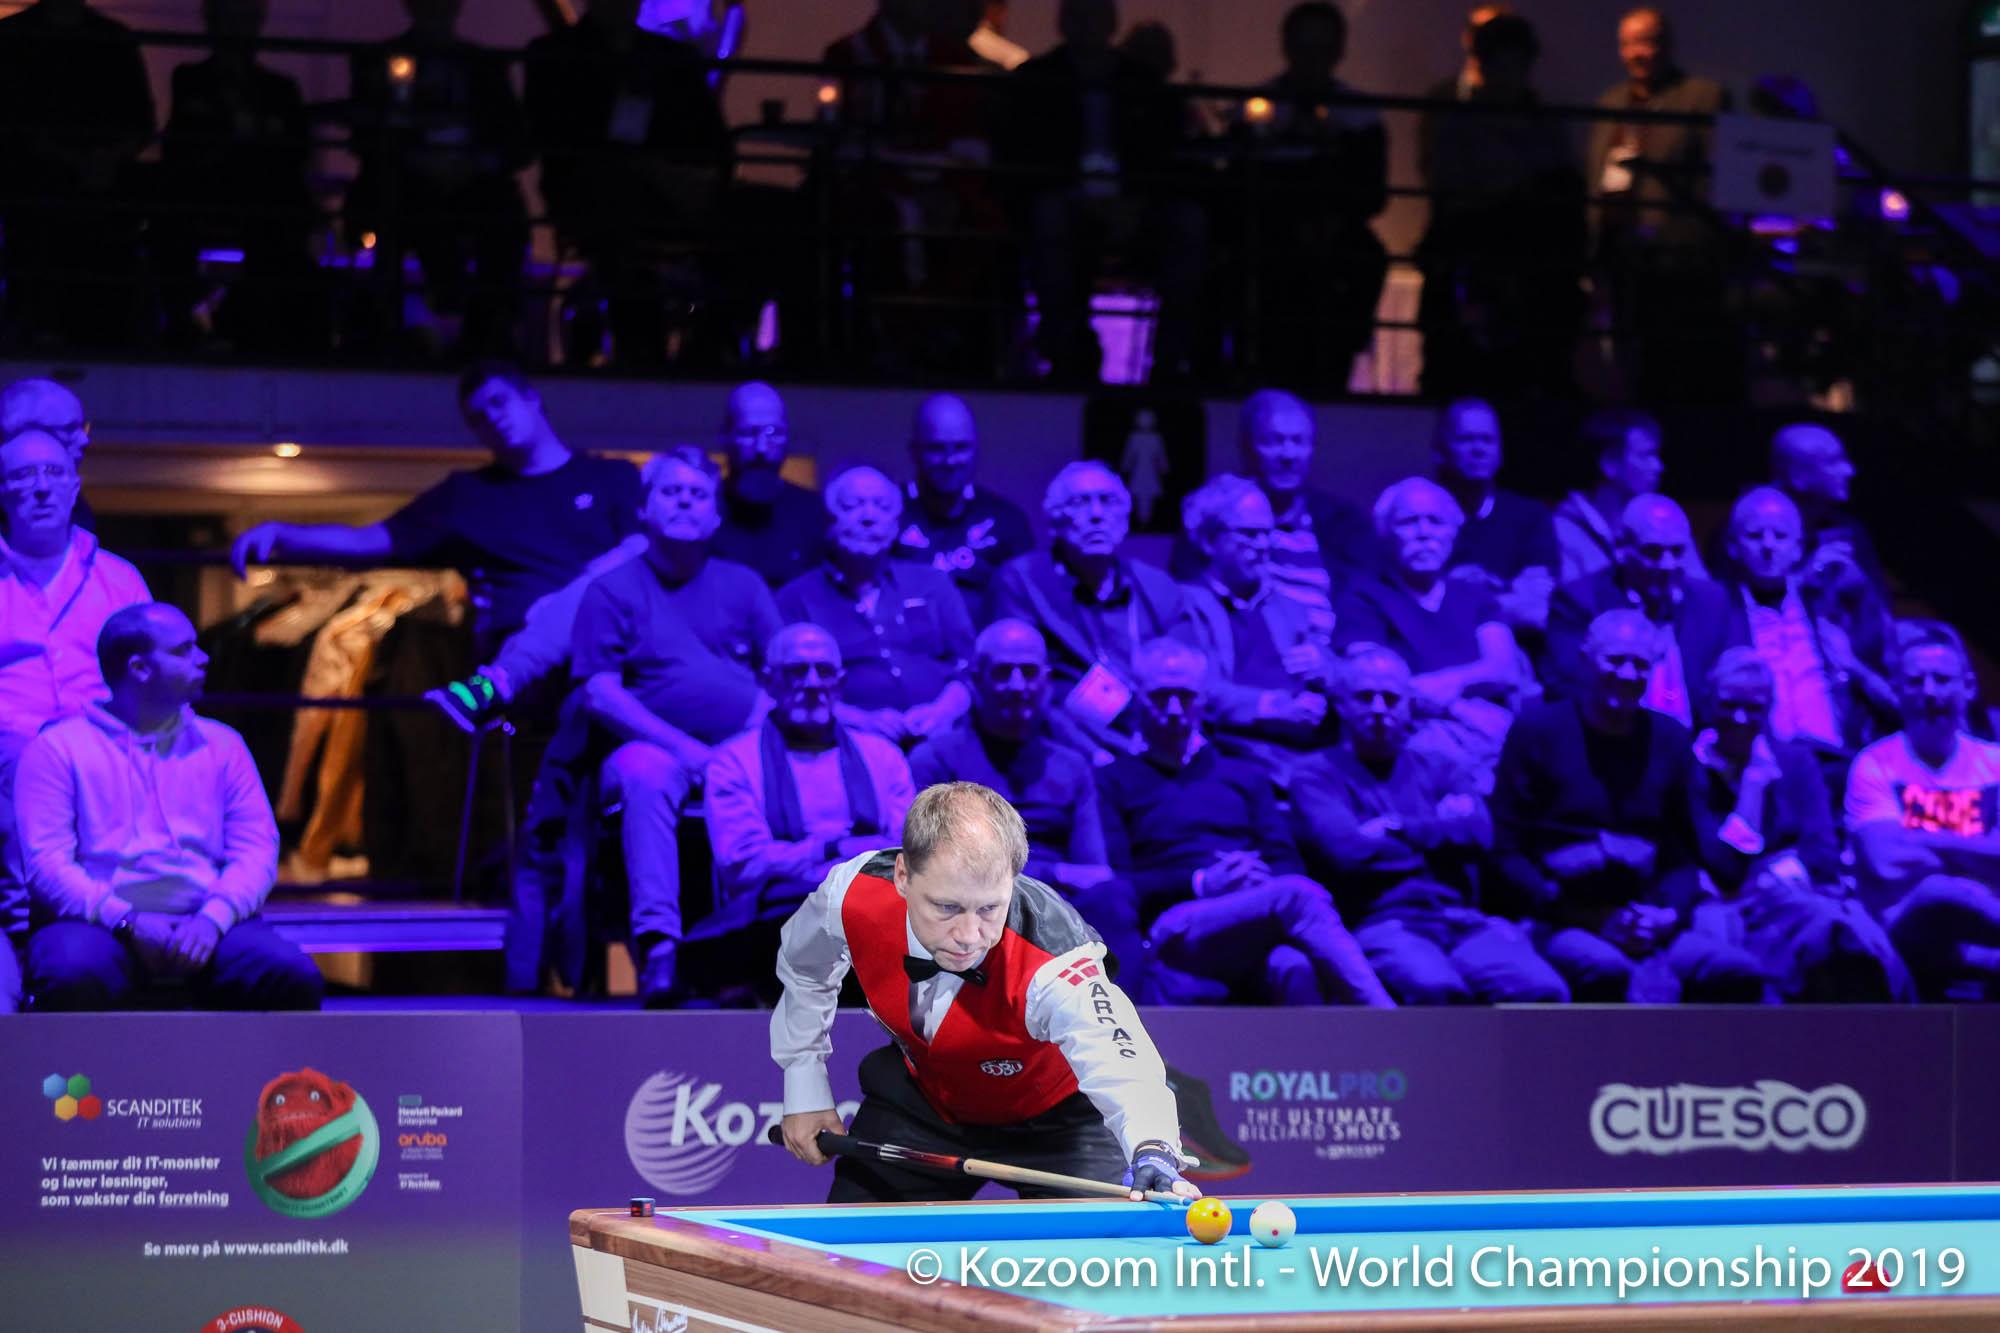 덴마크 출신 디온 넬린은 자국에서 열린 3쿠션 세계선수권대회에서 홈팬들의 응원 속에 8강에 진출했다. [사진 코줌]